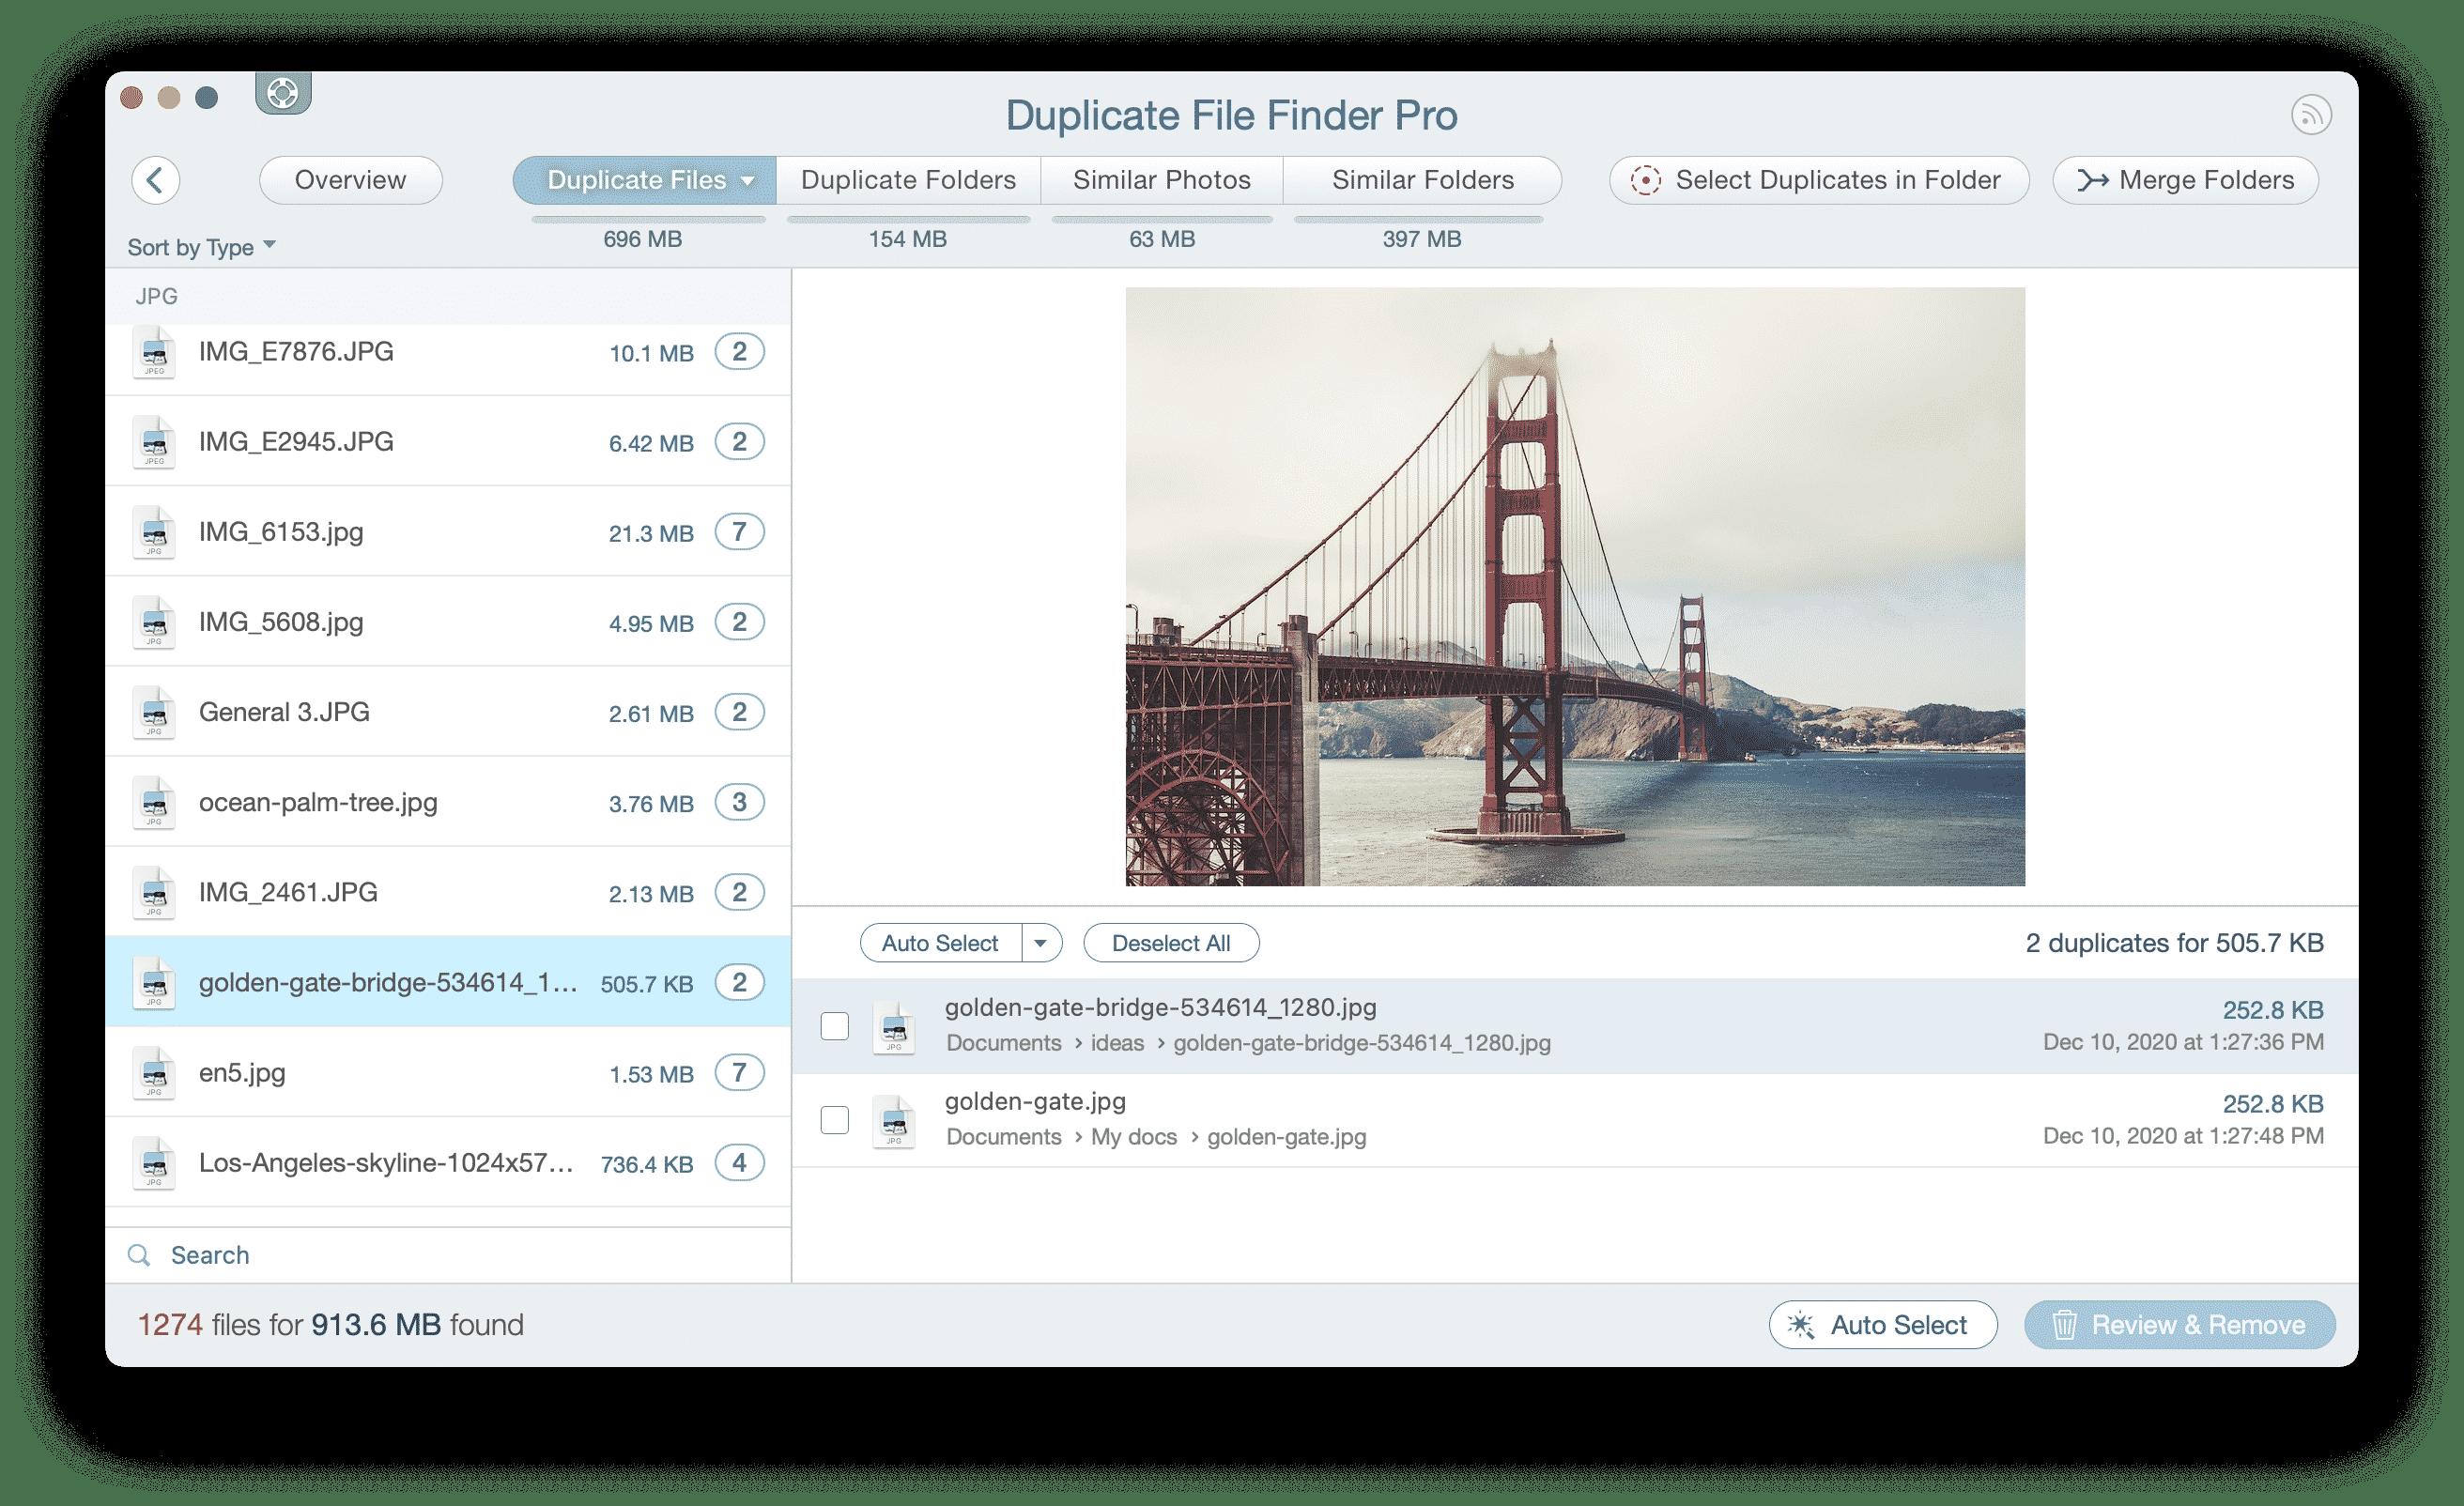 Duplicate file finder find duplicate images